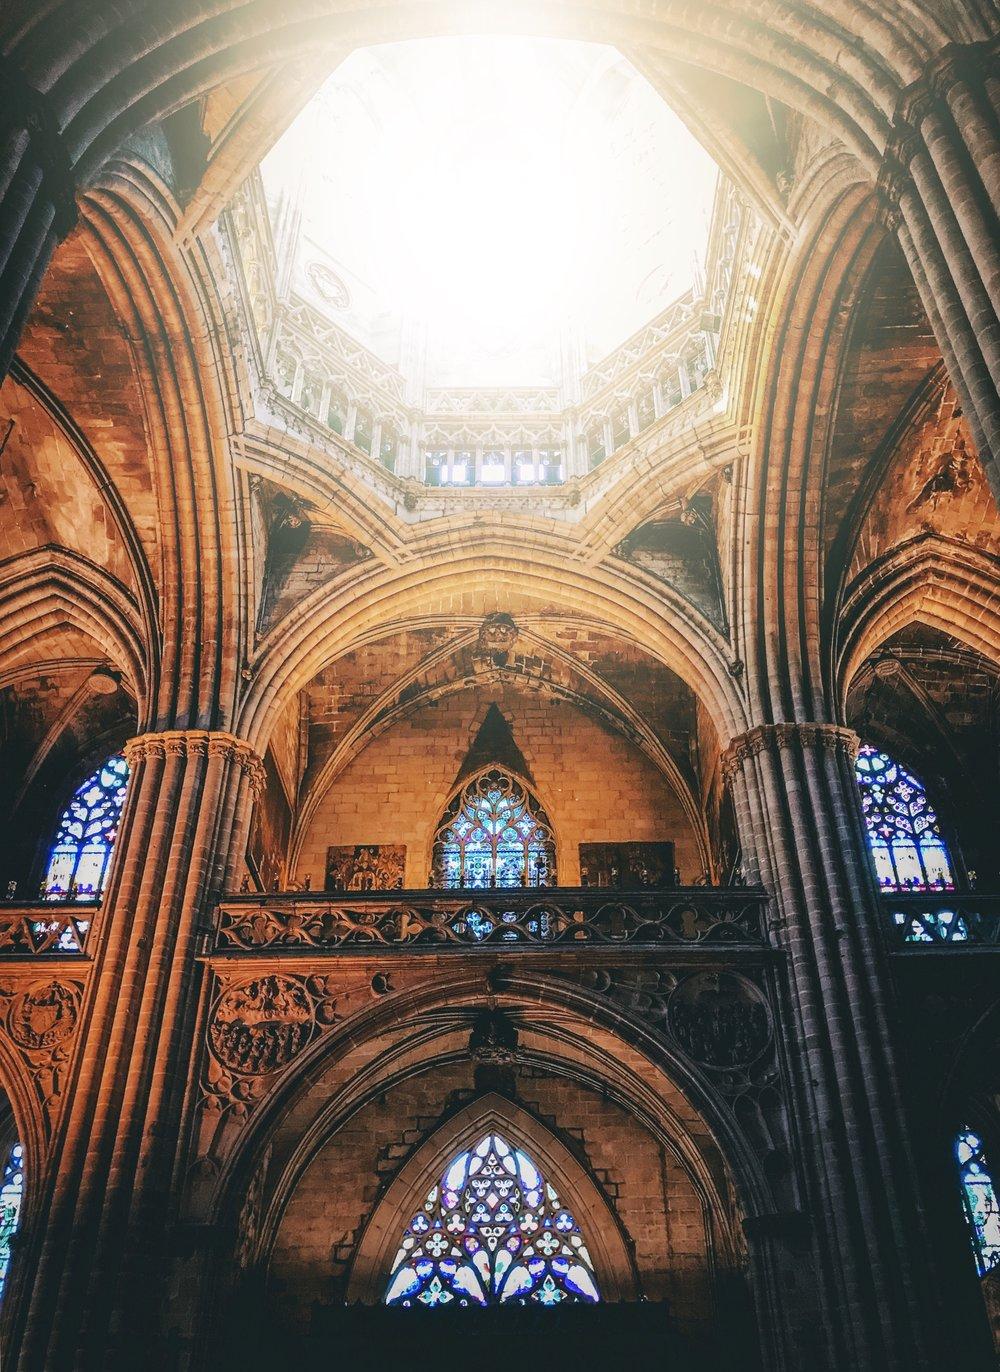 La Catedral Interior.jpg